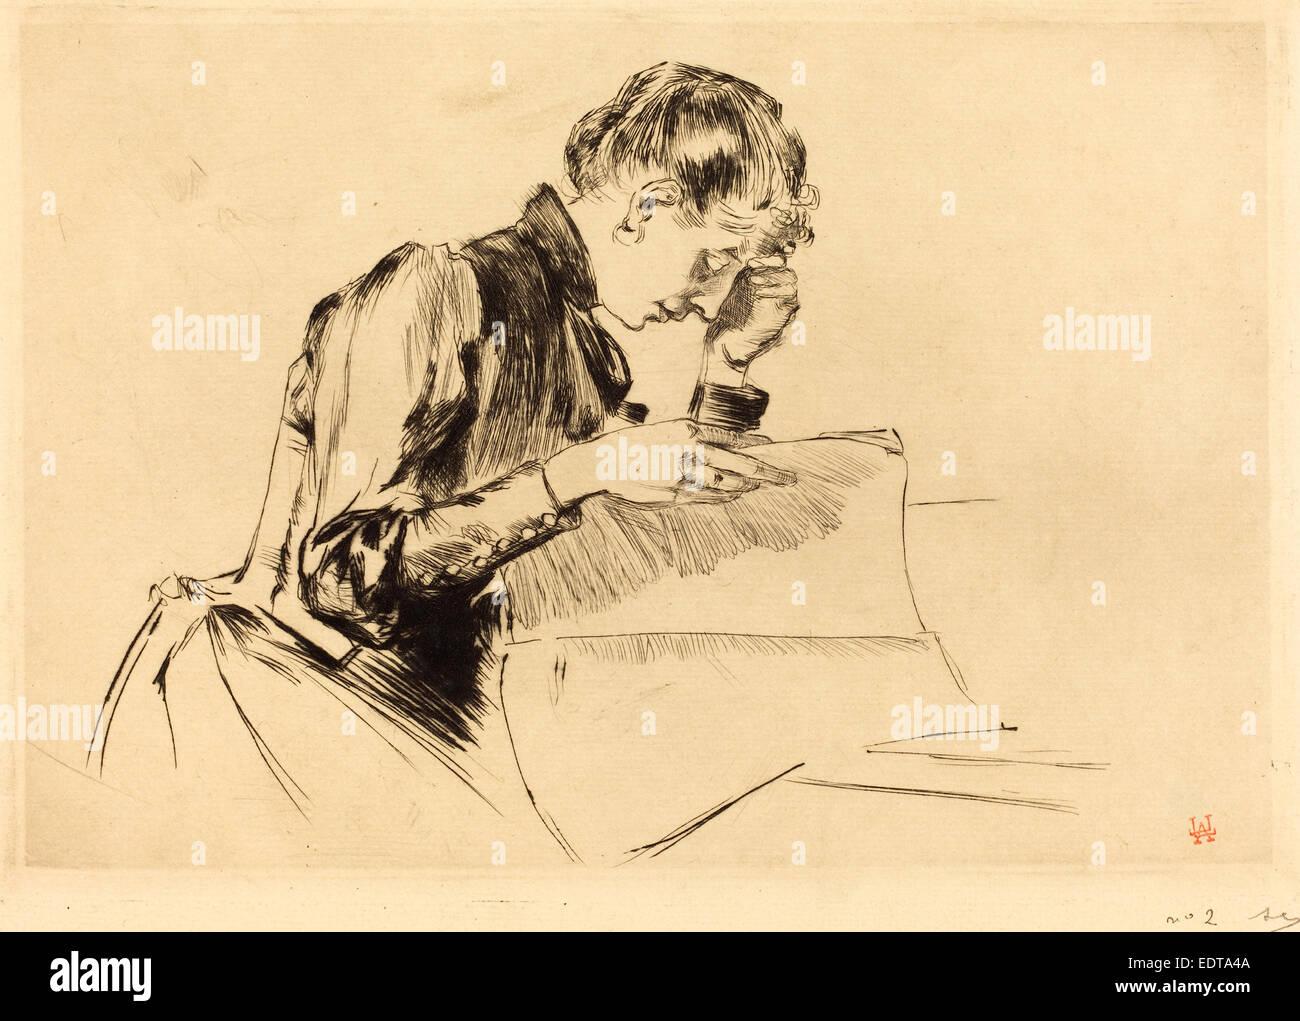 Auguste Lepère (Français, 1849 - 1918), des images (les images), pointe sèche, 1889 Photo Stock